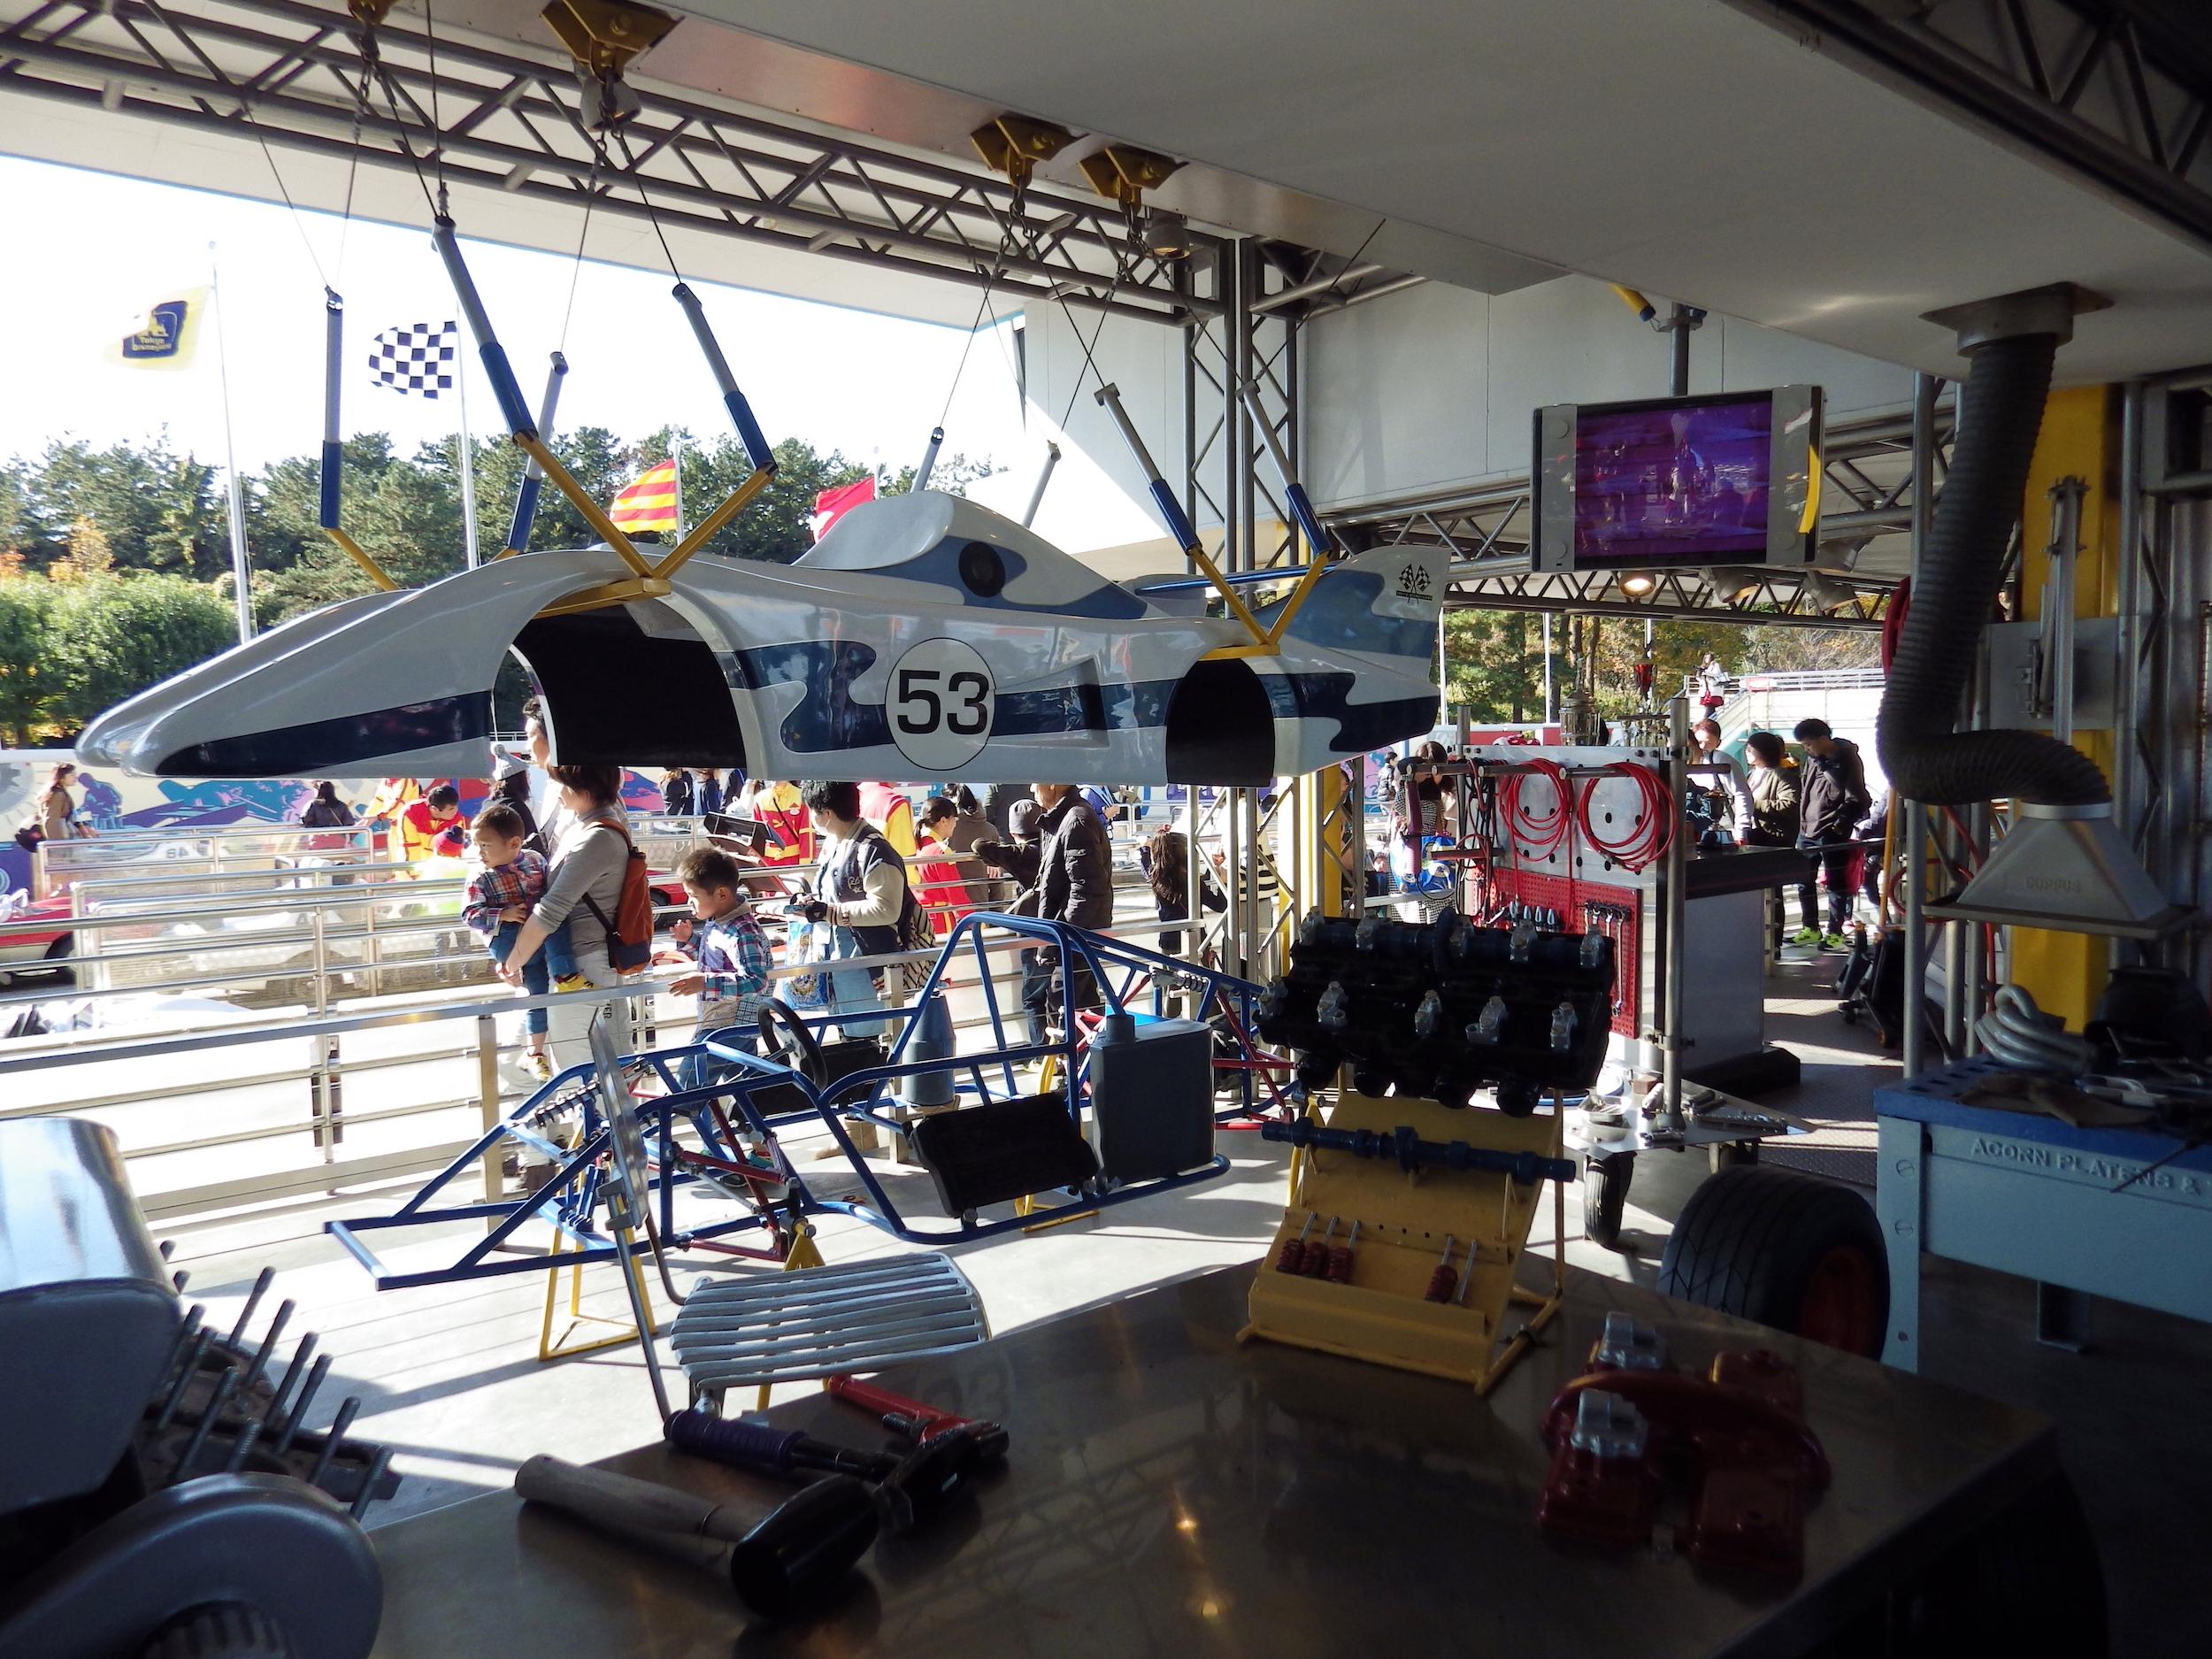 Old_TDL_Tomorrowland_004_3x4.jpg